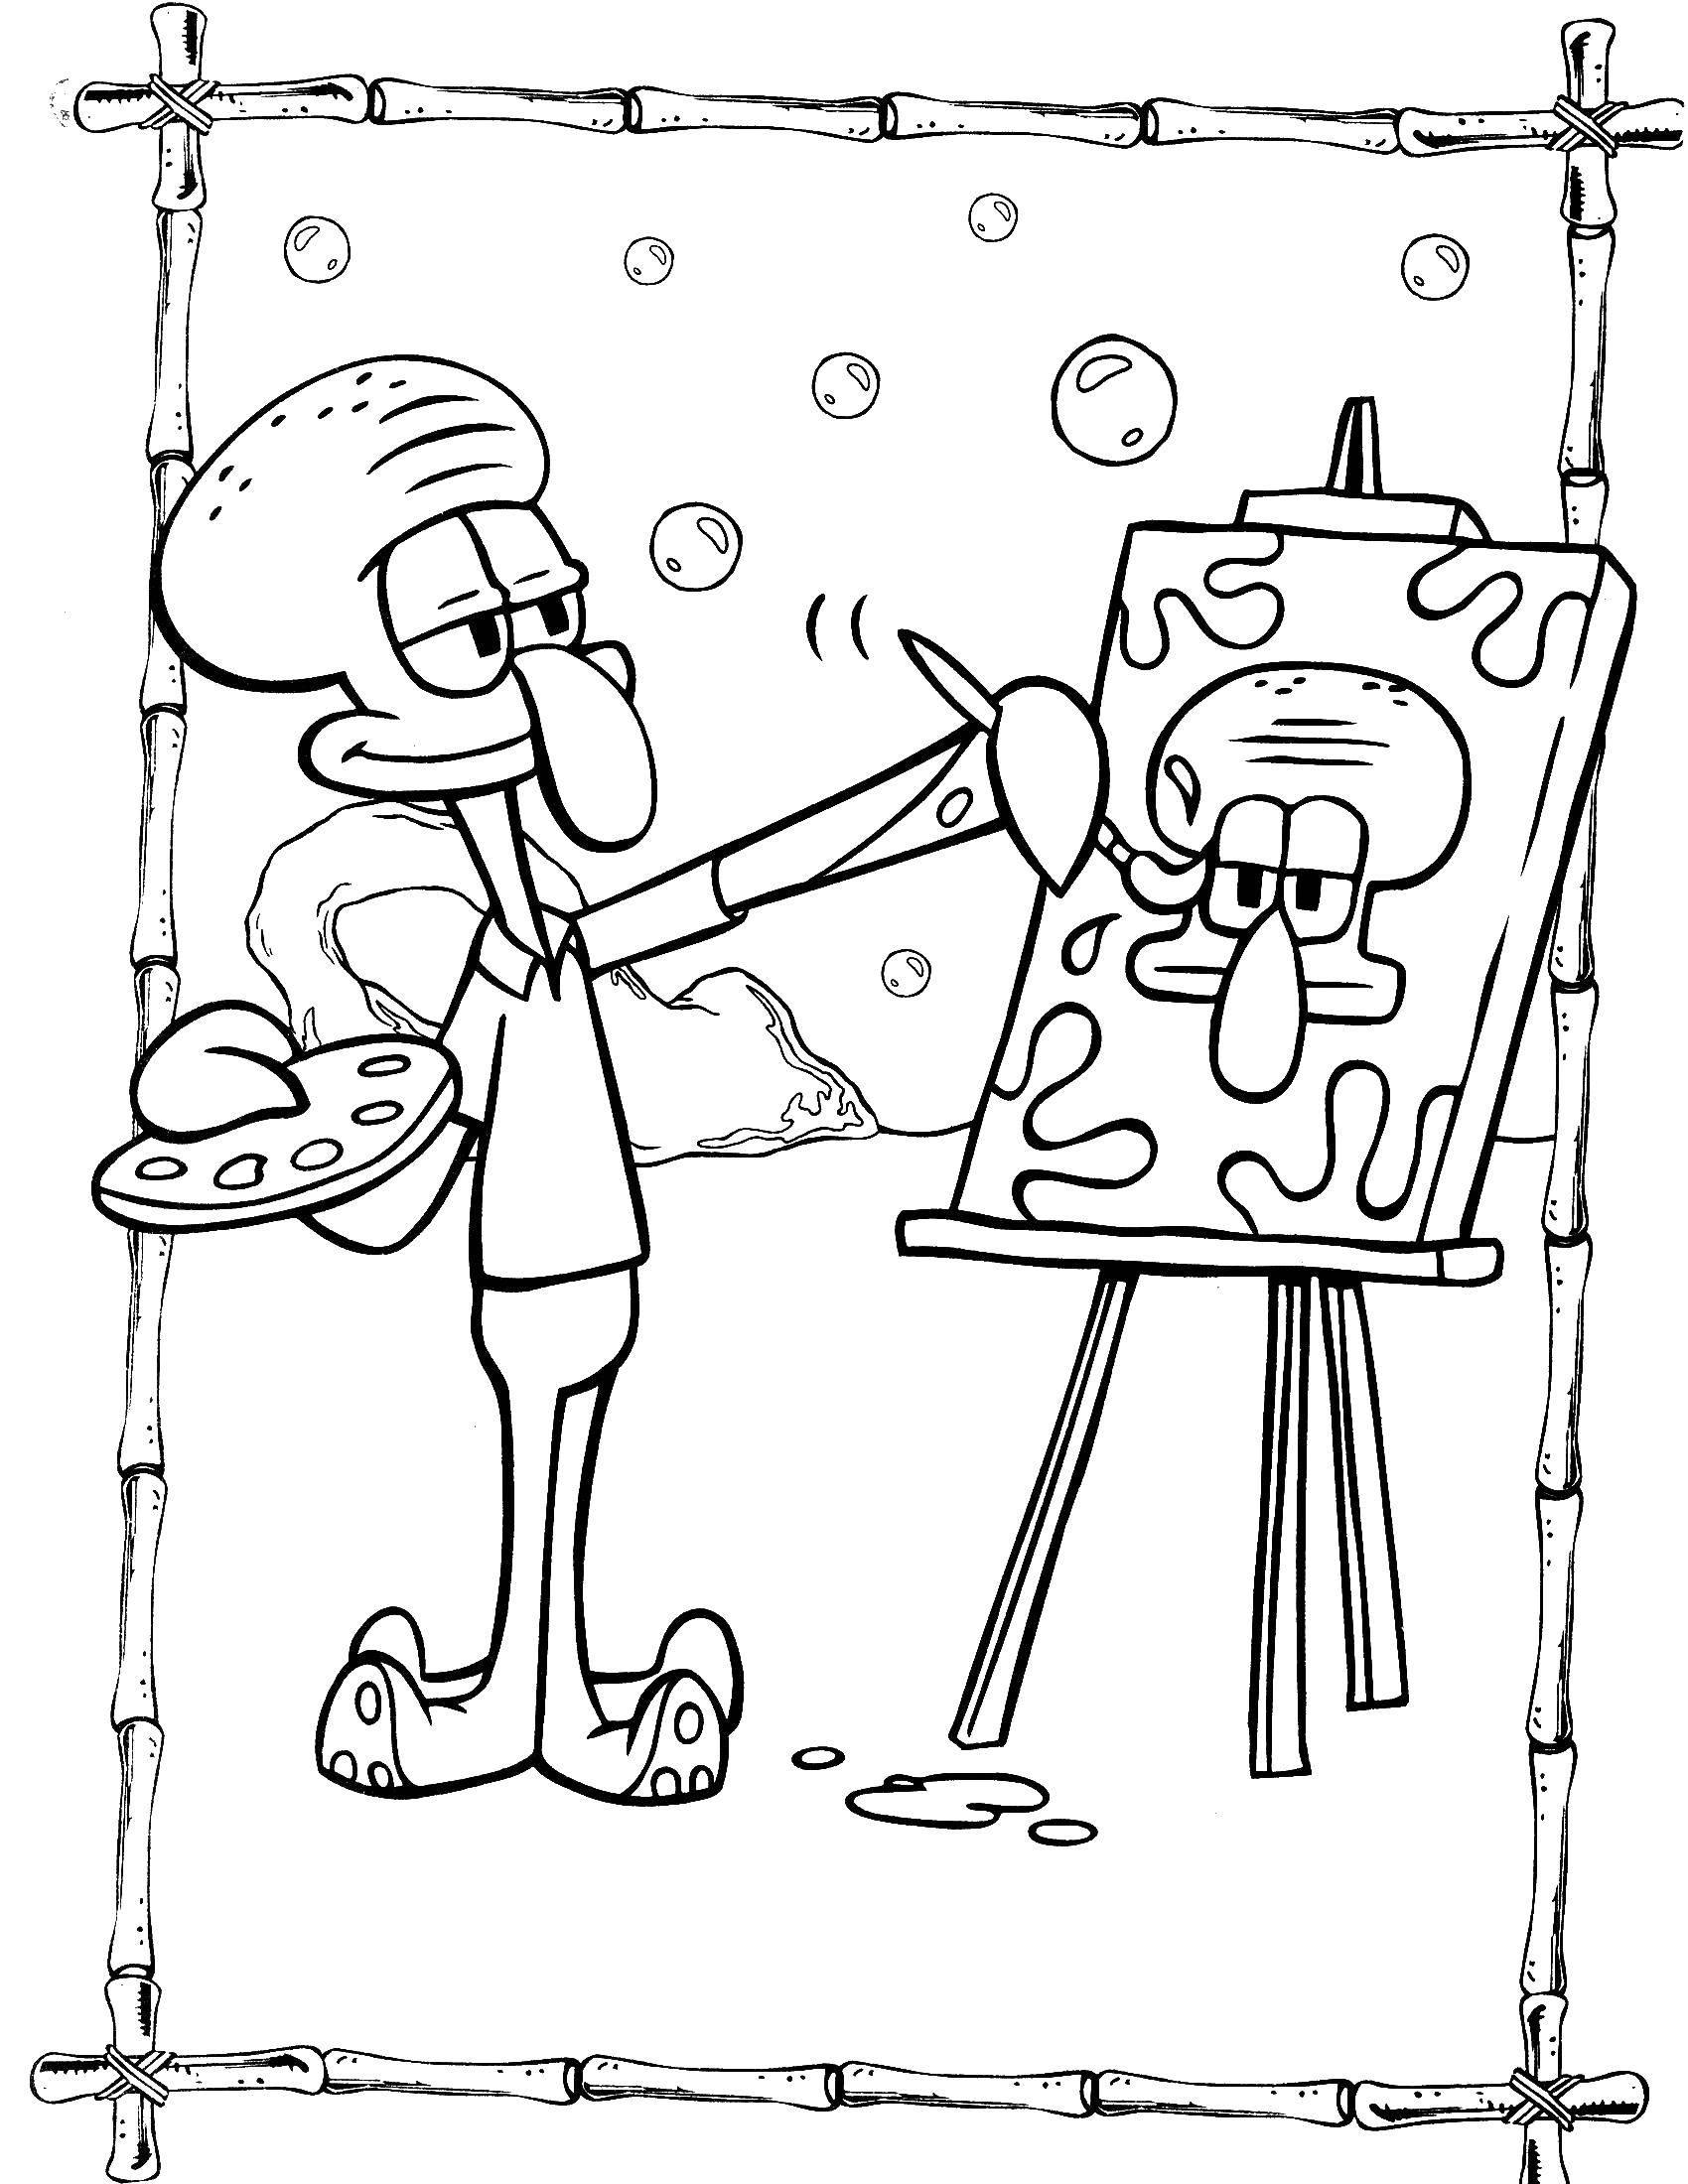 Раскраска Сквидвард рисует портрет Скачать спанчбоб, патрик.  Распечатать ,Спанч Боб,